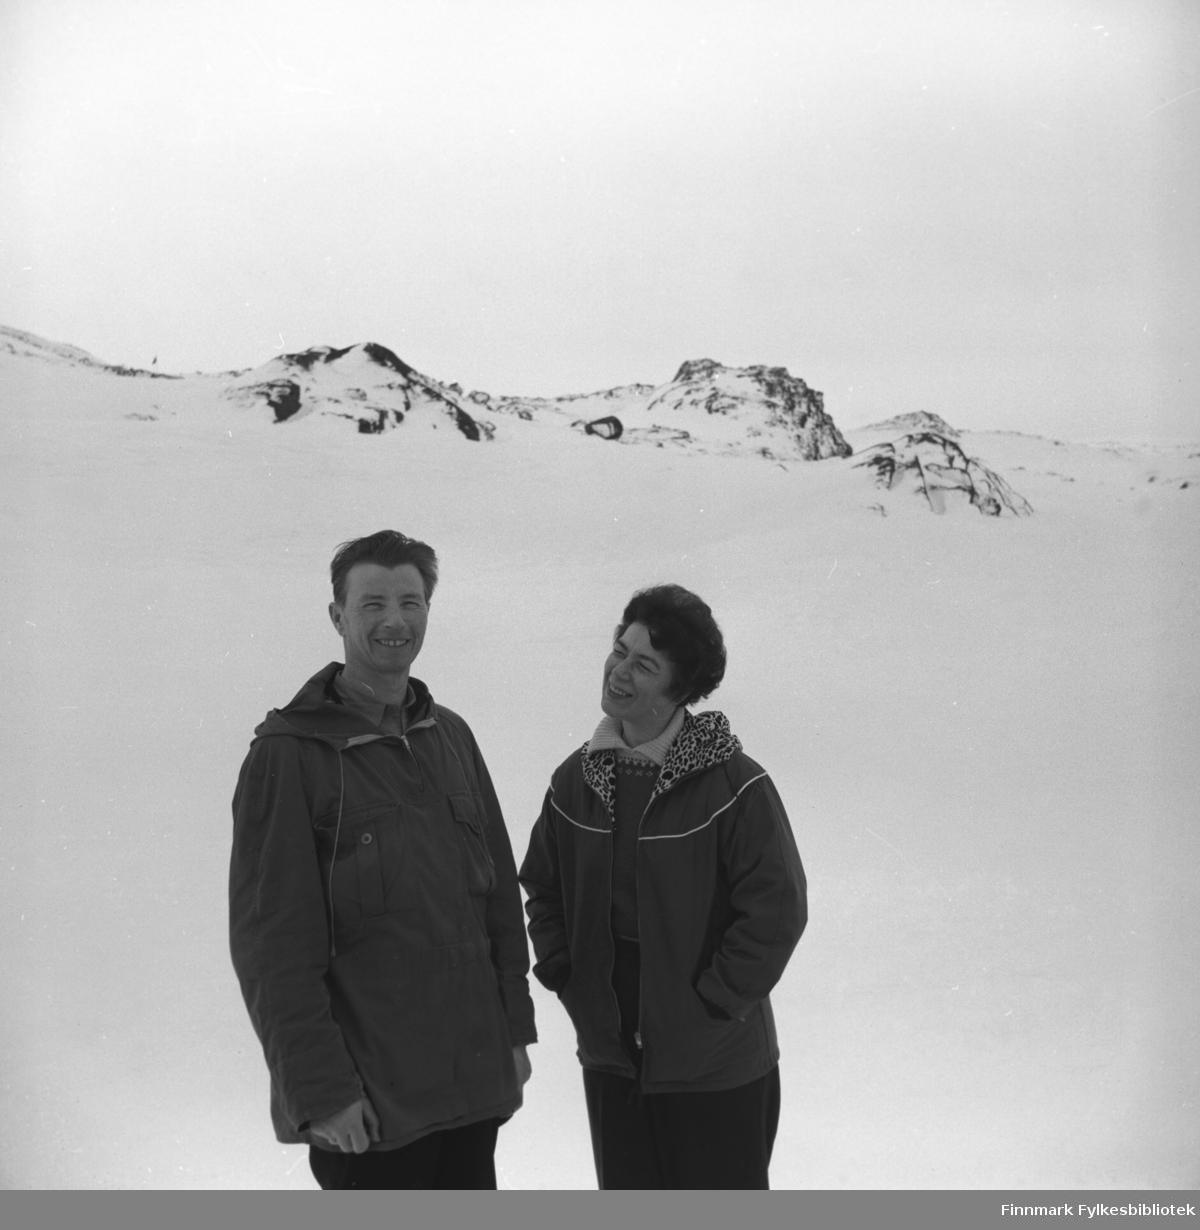 Eino og Jenny Drannem på tur i et snødekt fjell. Muligens i Hammerfest-området.